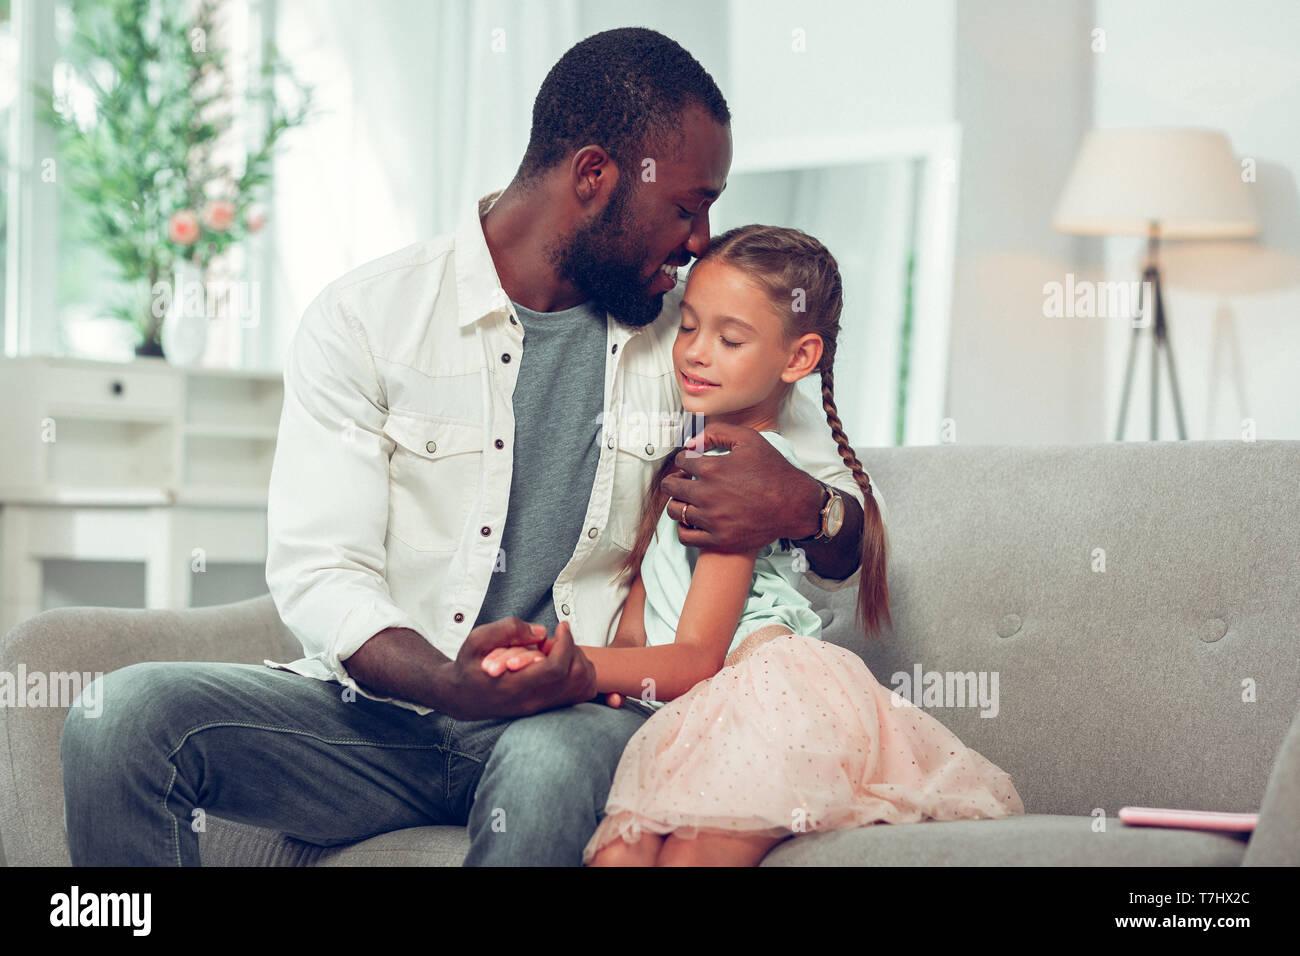 Liebevolle afroamerikanischen Vater zärtlich umarmen Schön hübsche kleine Tochter. Stockbild